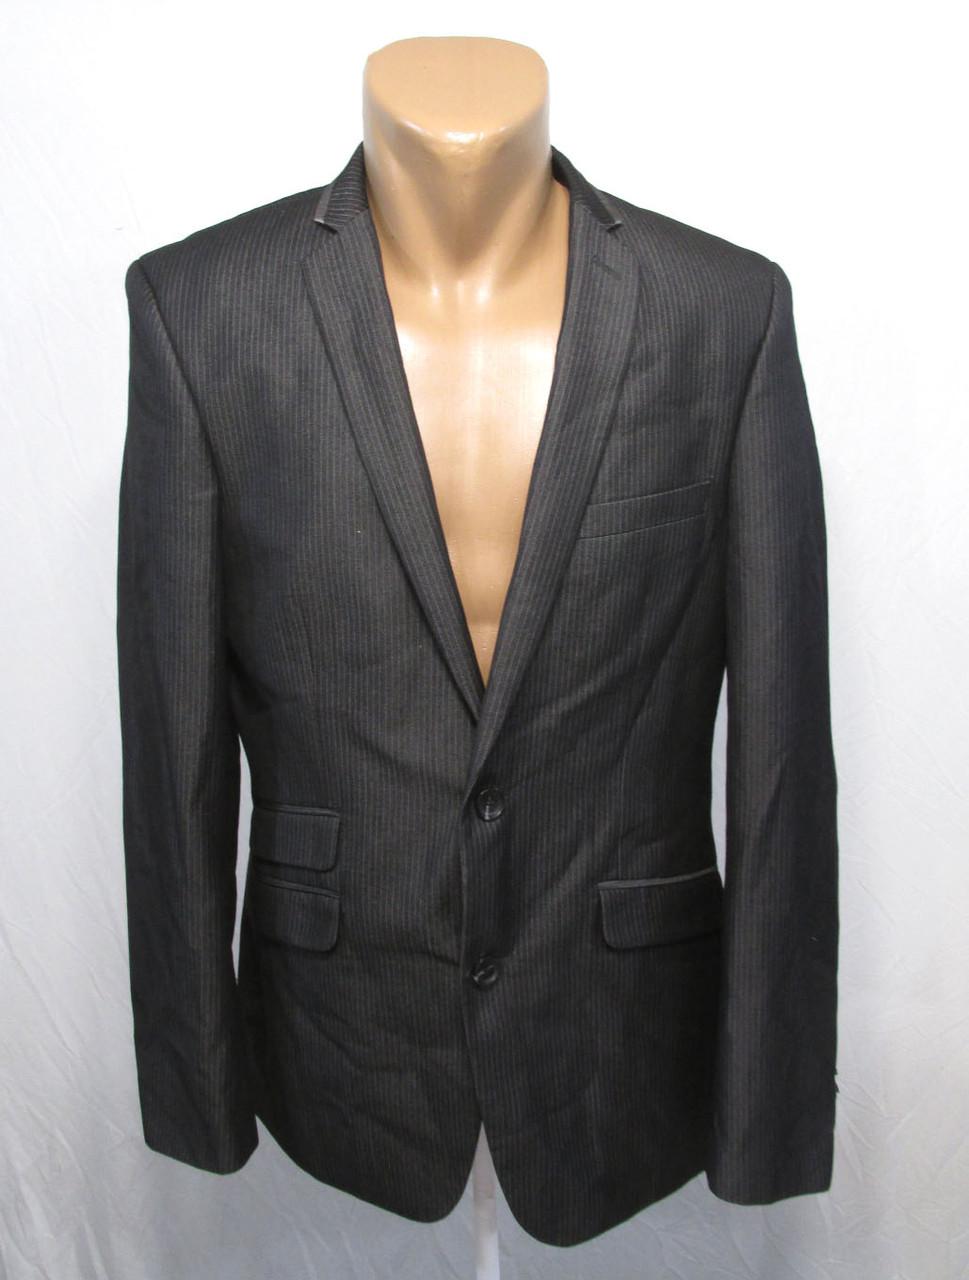 Пиджак BURTON, т.серый, 38R, Slim Fit, Как Новый!